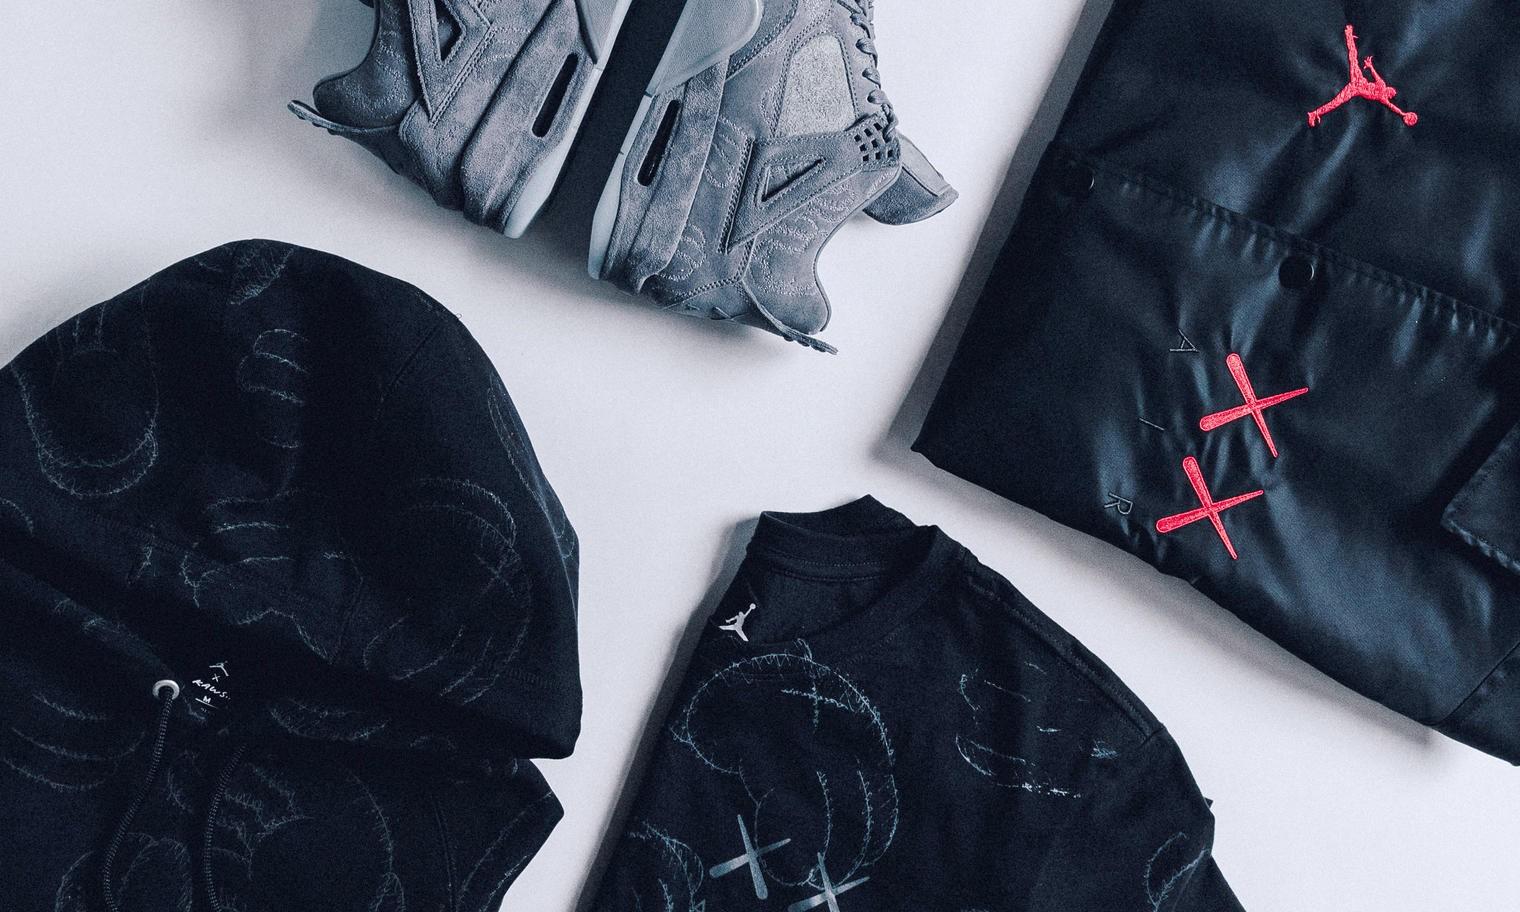 中国 28 日率先发售!KAWS x Jordan Brand 联名系列正式发布